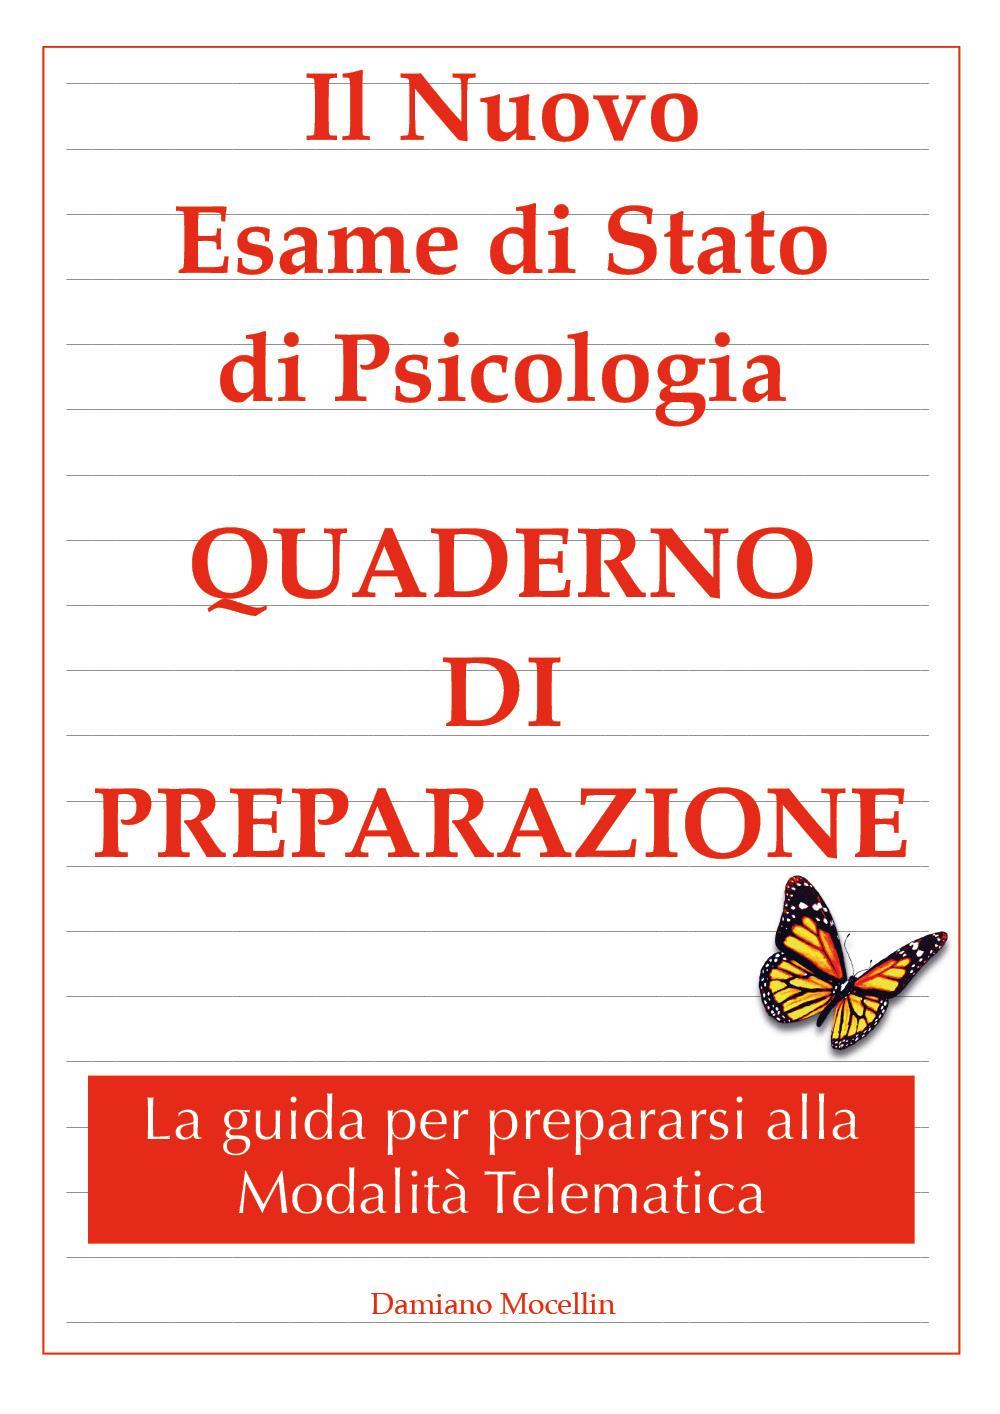 Esame di Stato di Psicologia